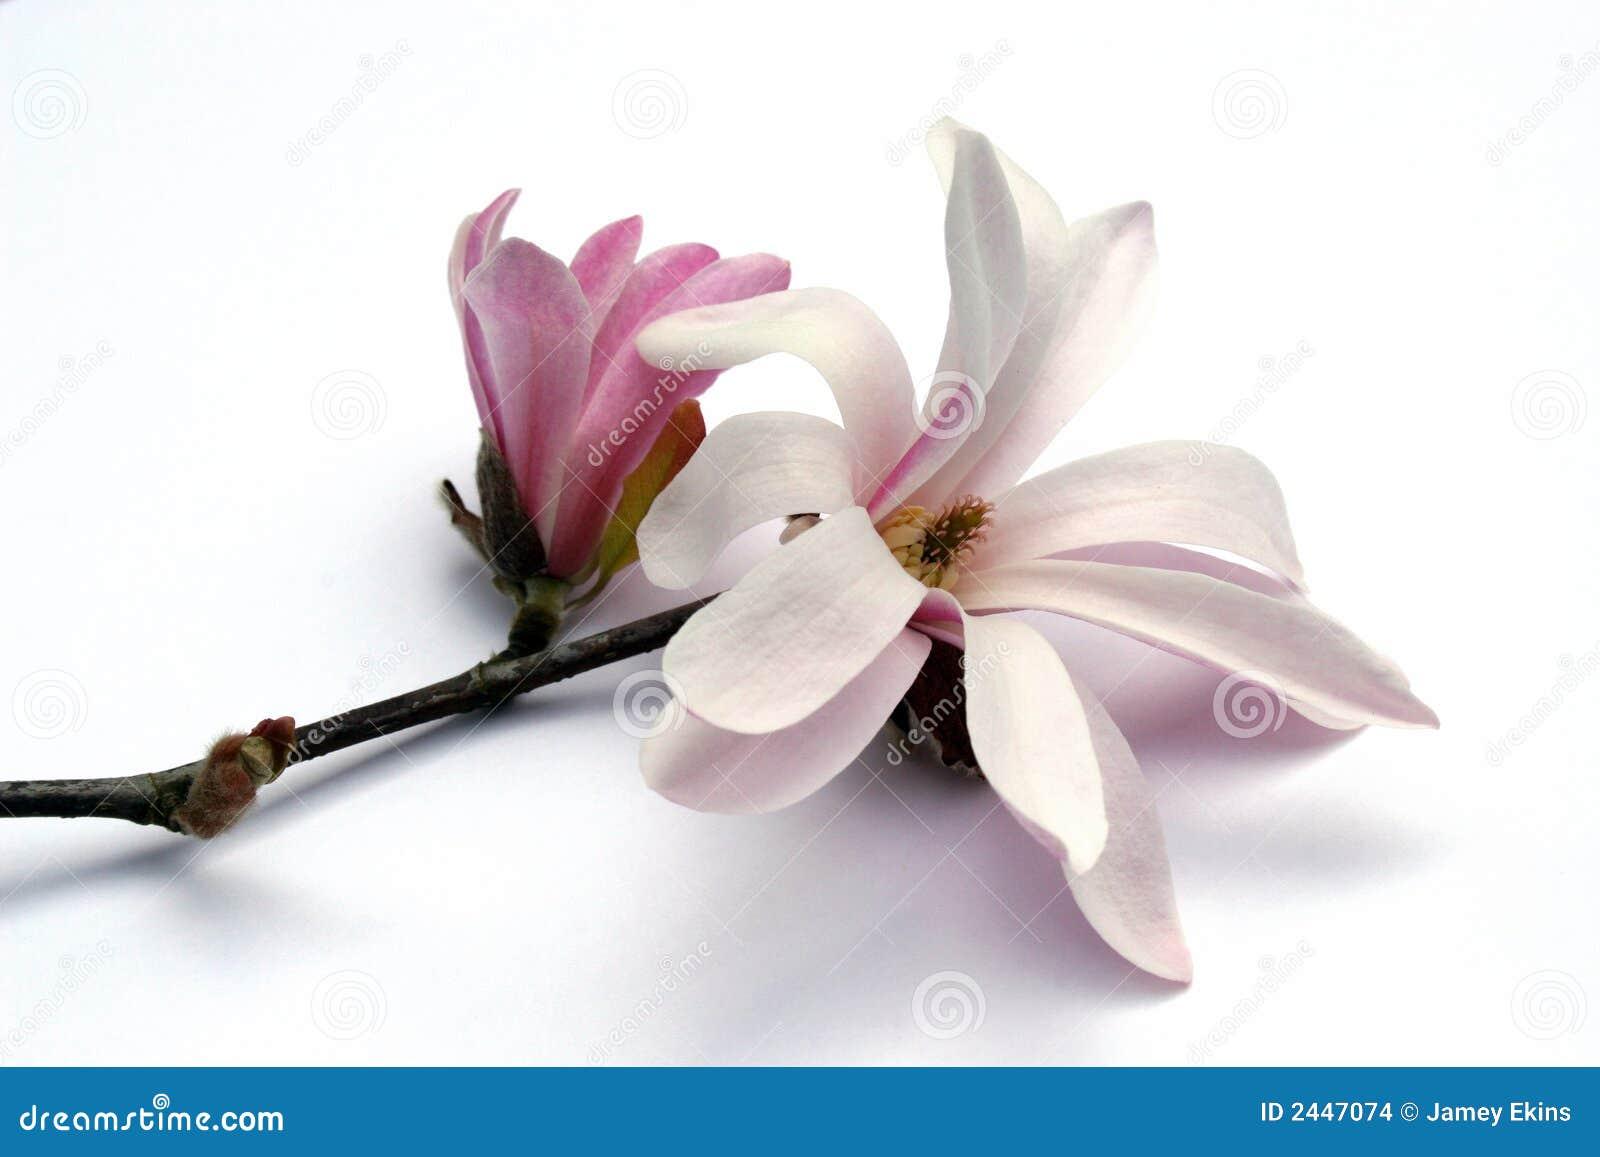 Flor blanco y rosado de la magnolia en la ramificaciu00f3n.